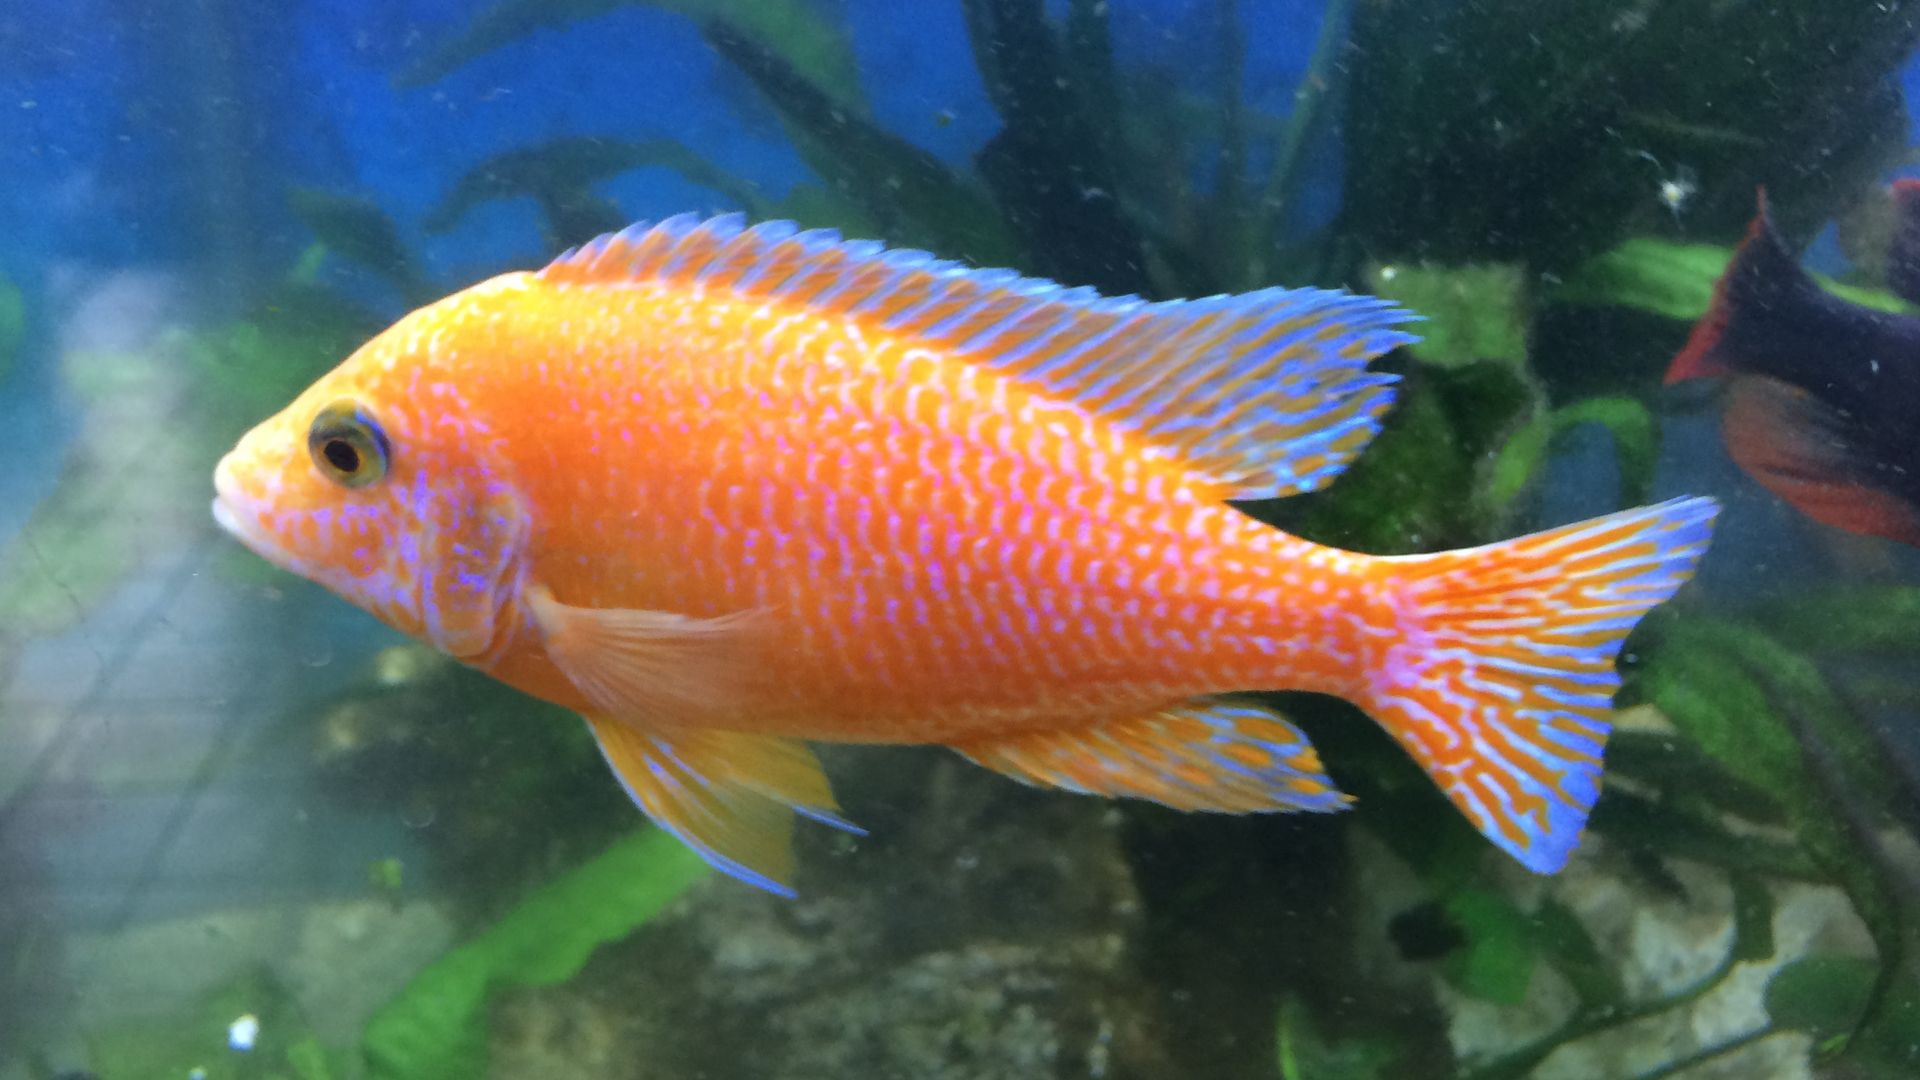 Poisson orange dans un aquarium en eau douce